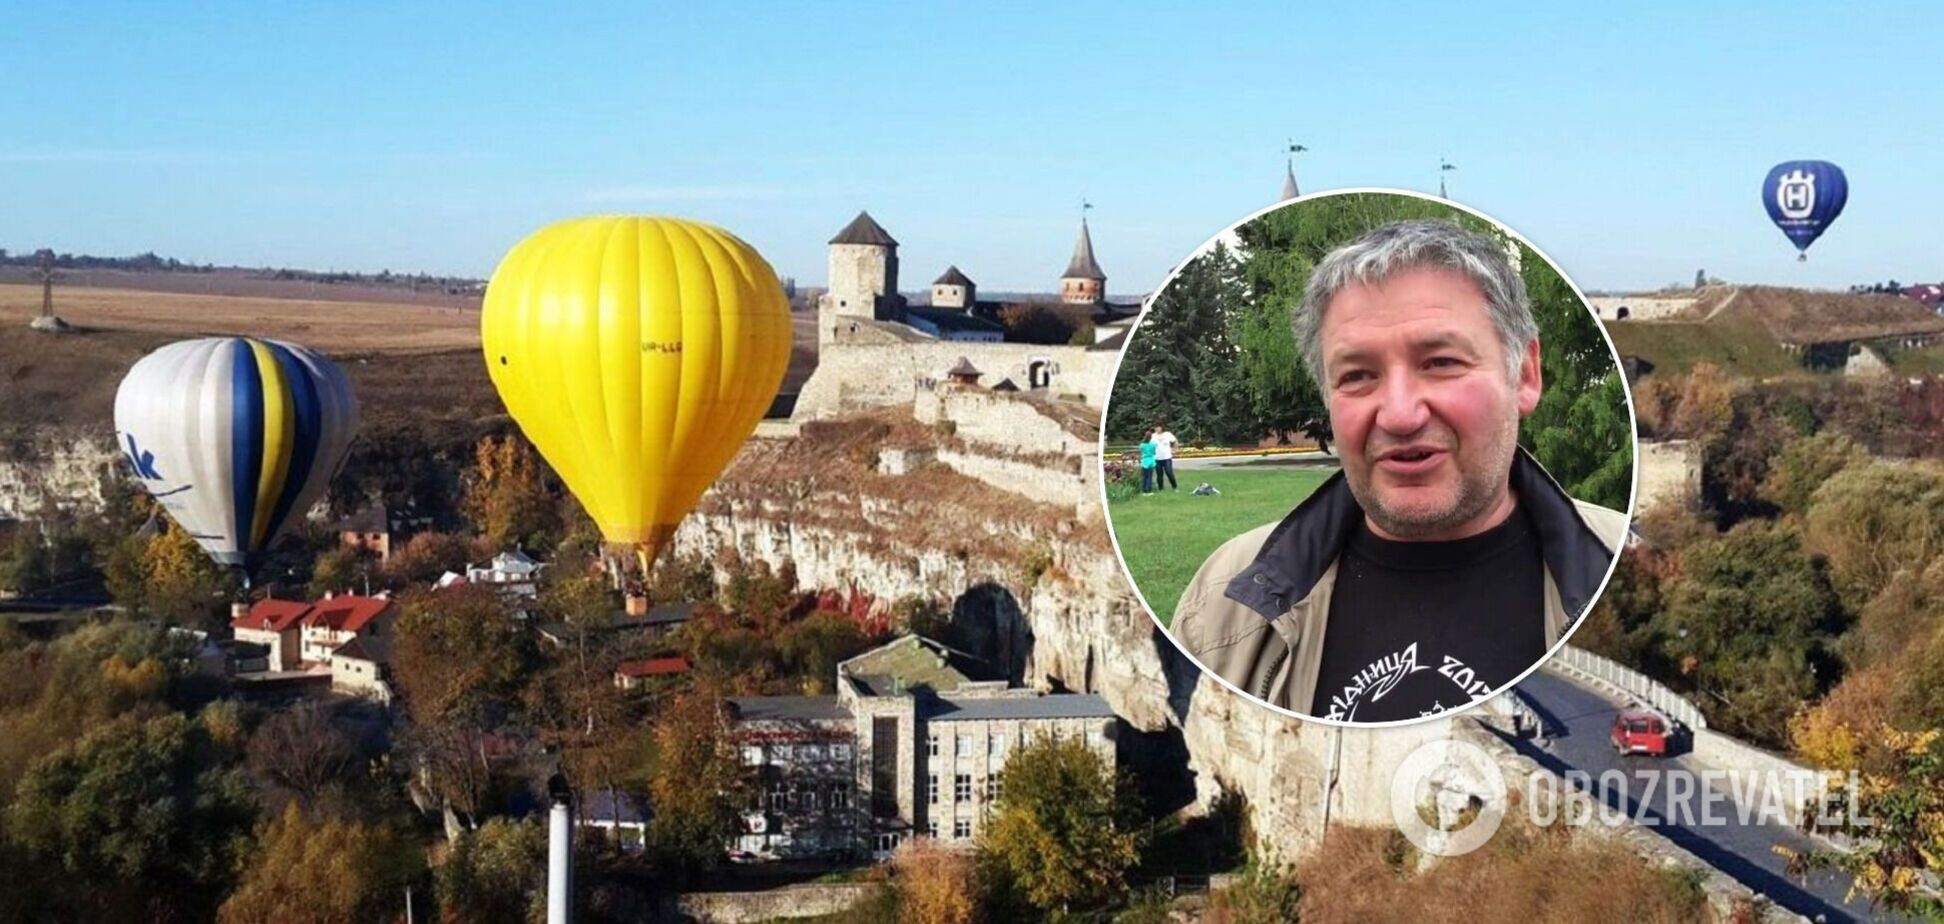 Пілот повітряної кулі, що впала в Кам'янці-Подільському, виявився сином директора Федерації з повітроплавання